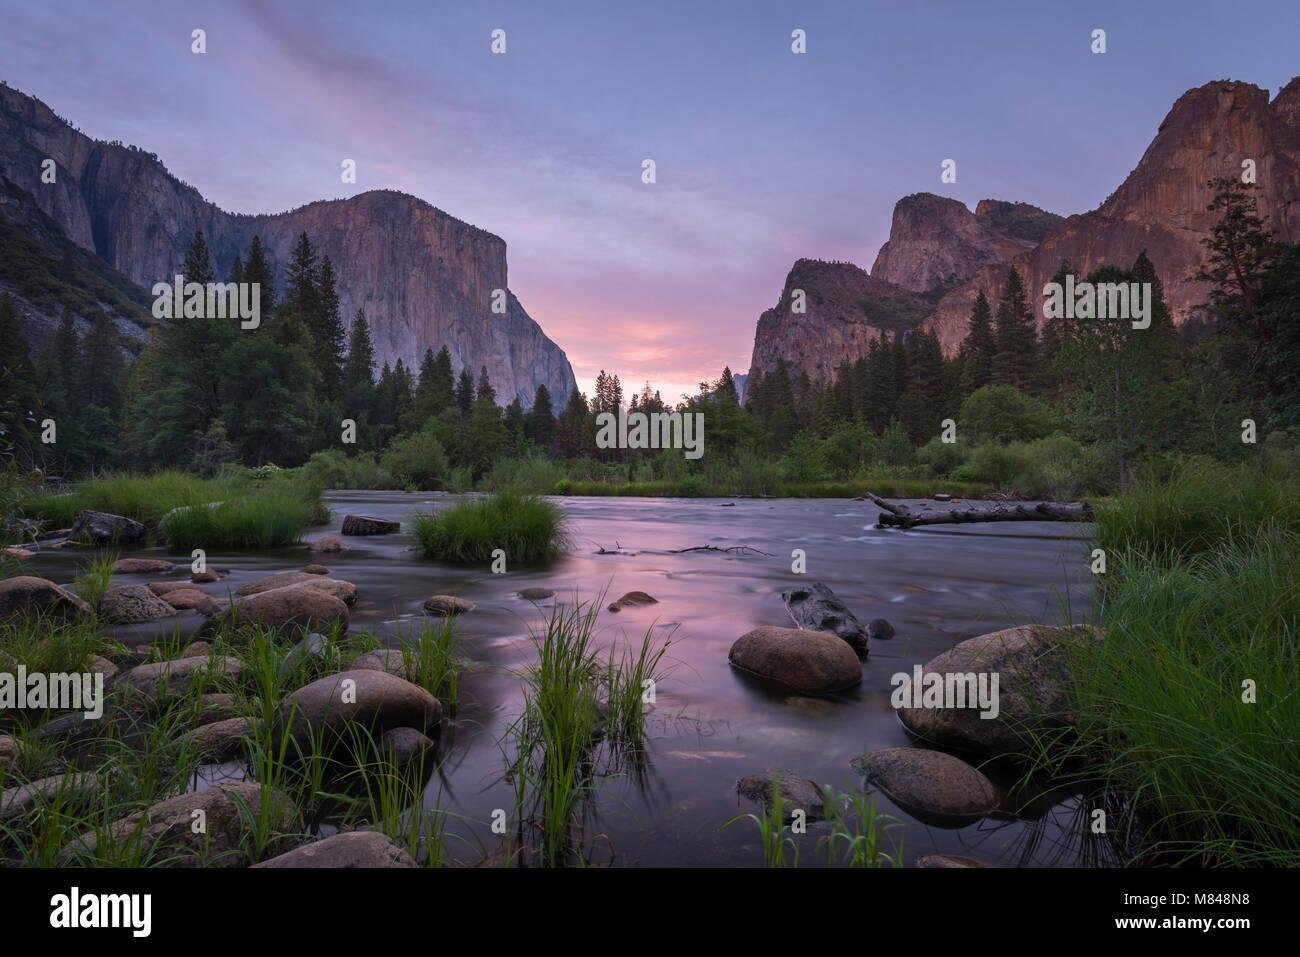 Valle de Yosemite y el río Merced al atardecer, el Parque Nacional Yosemite, California, USA. La primavera Imagen De Stock